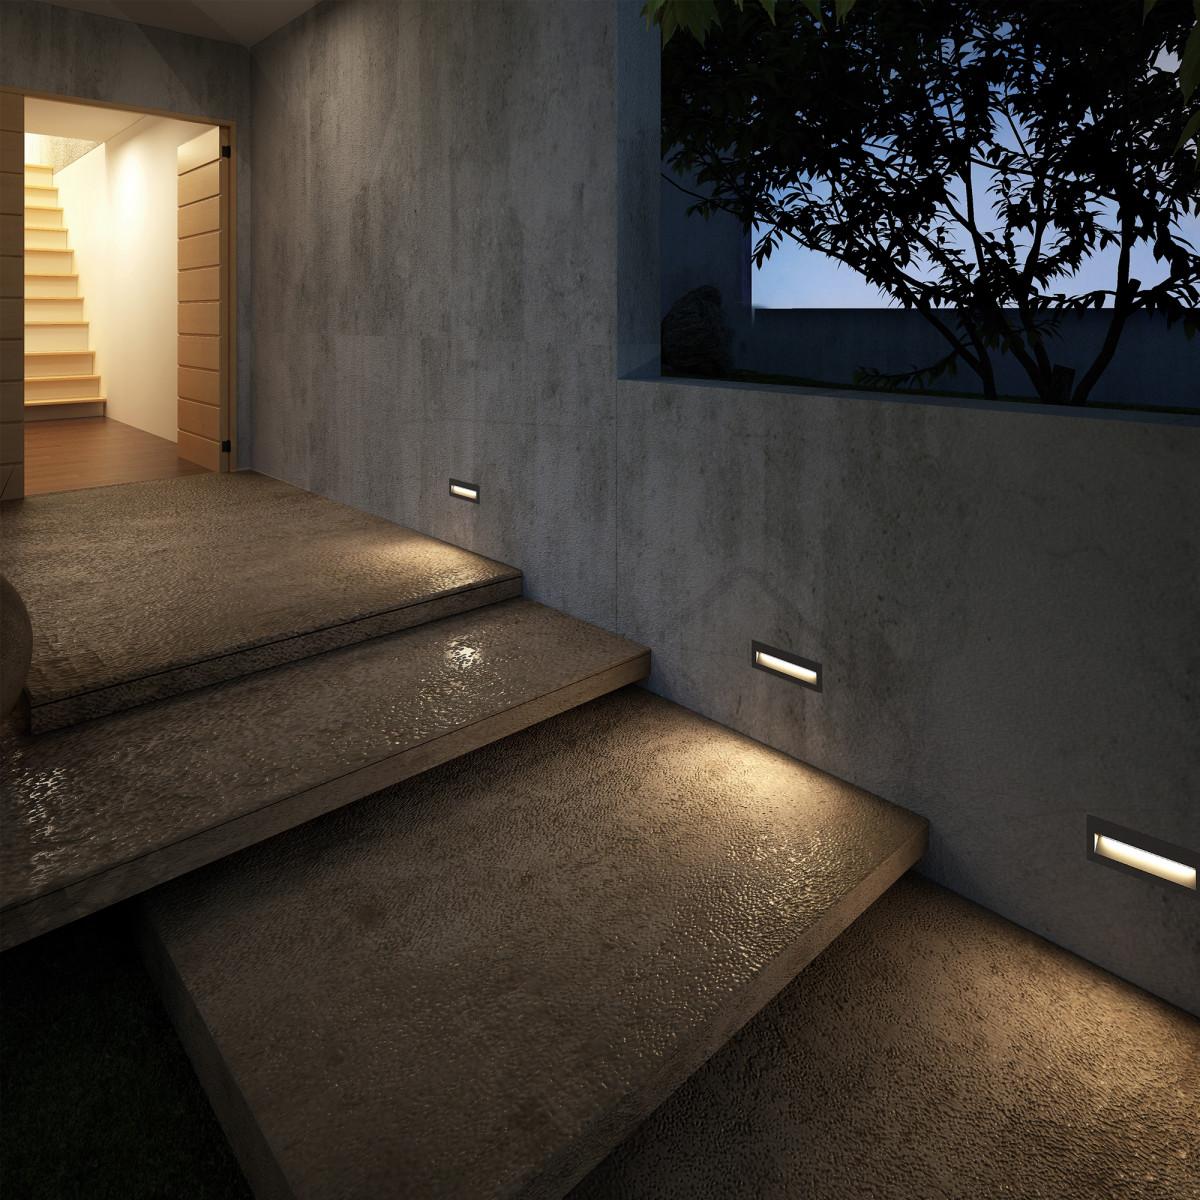 Einbauspot Slice LED downlighter  Treppe Außen Innen Wandeinbauleuchte